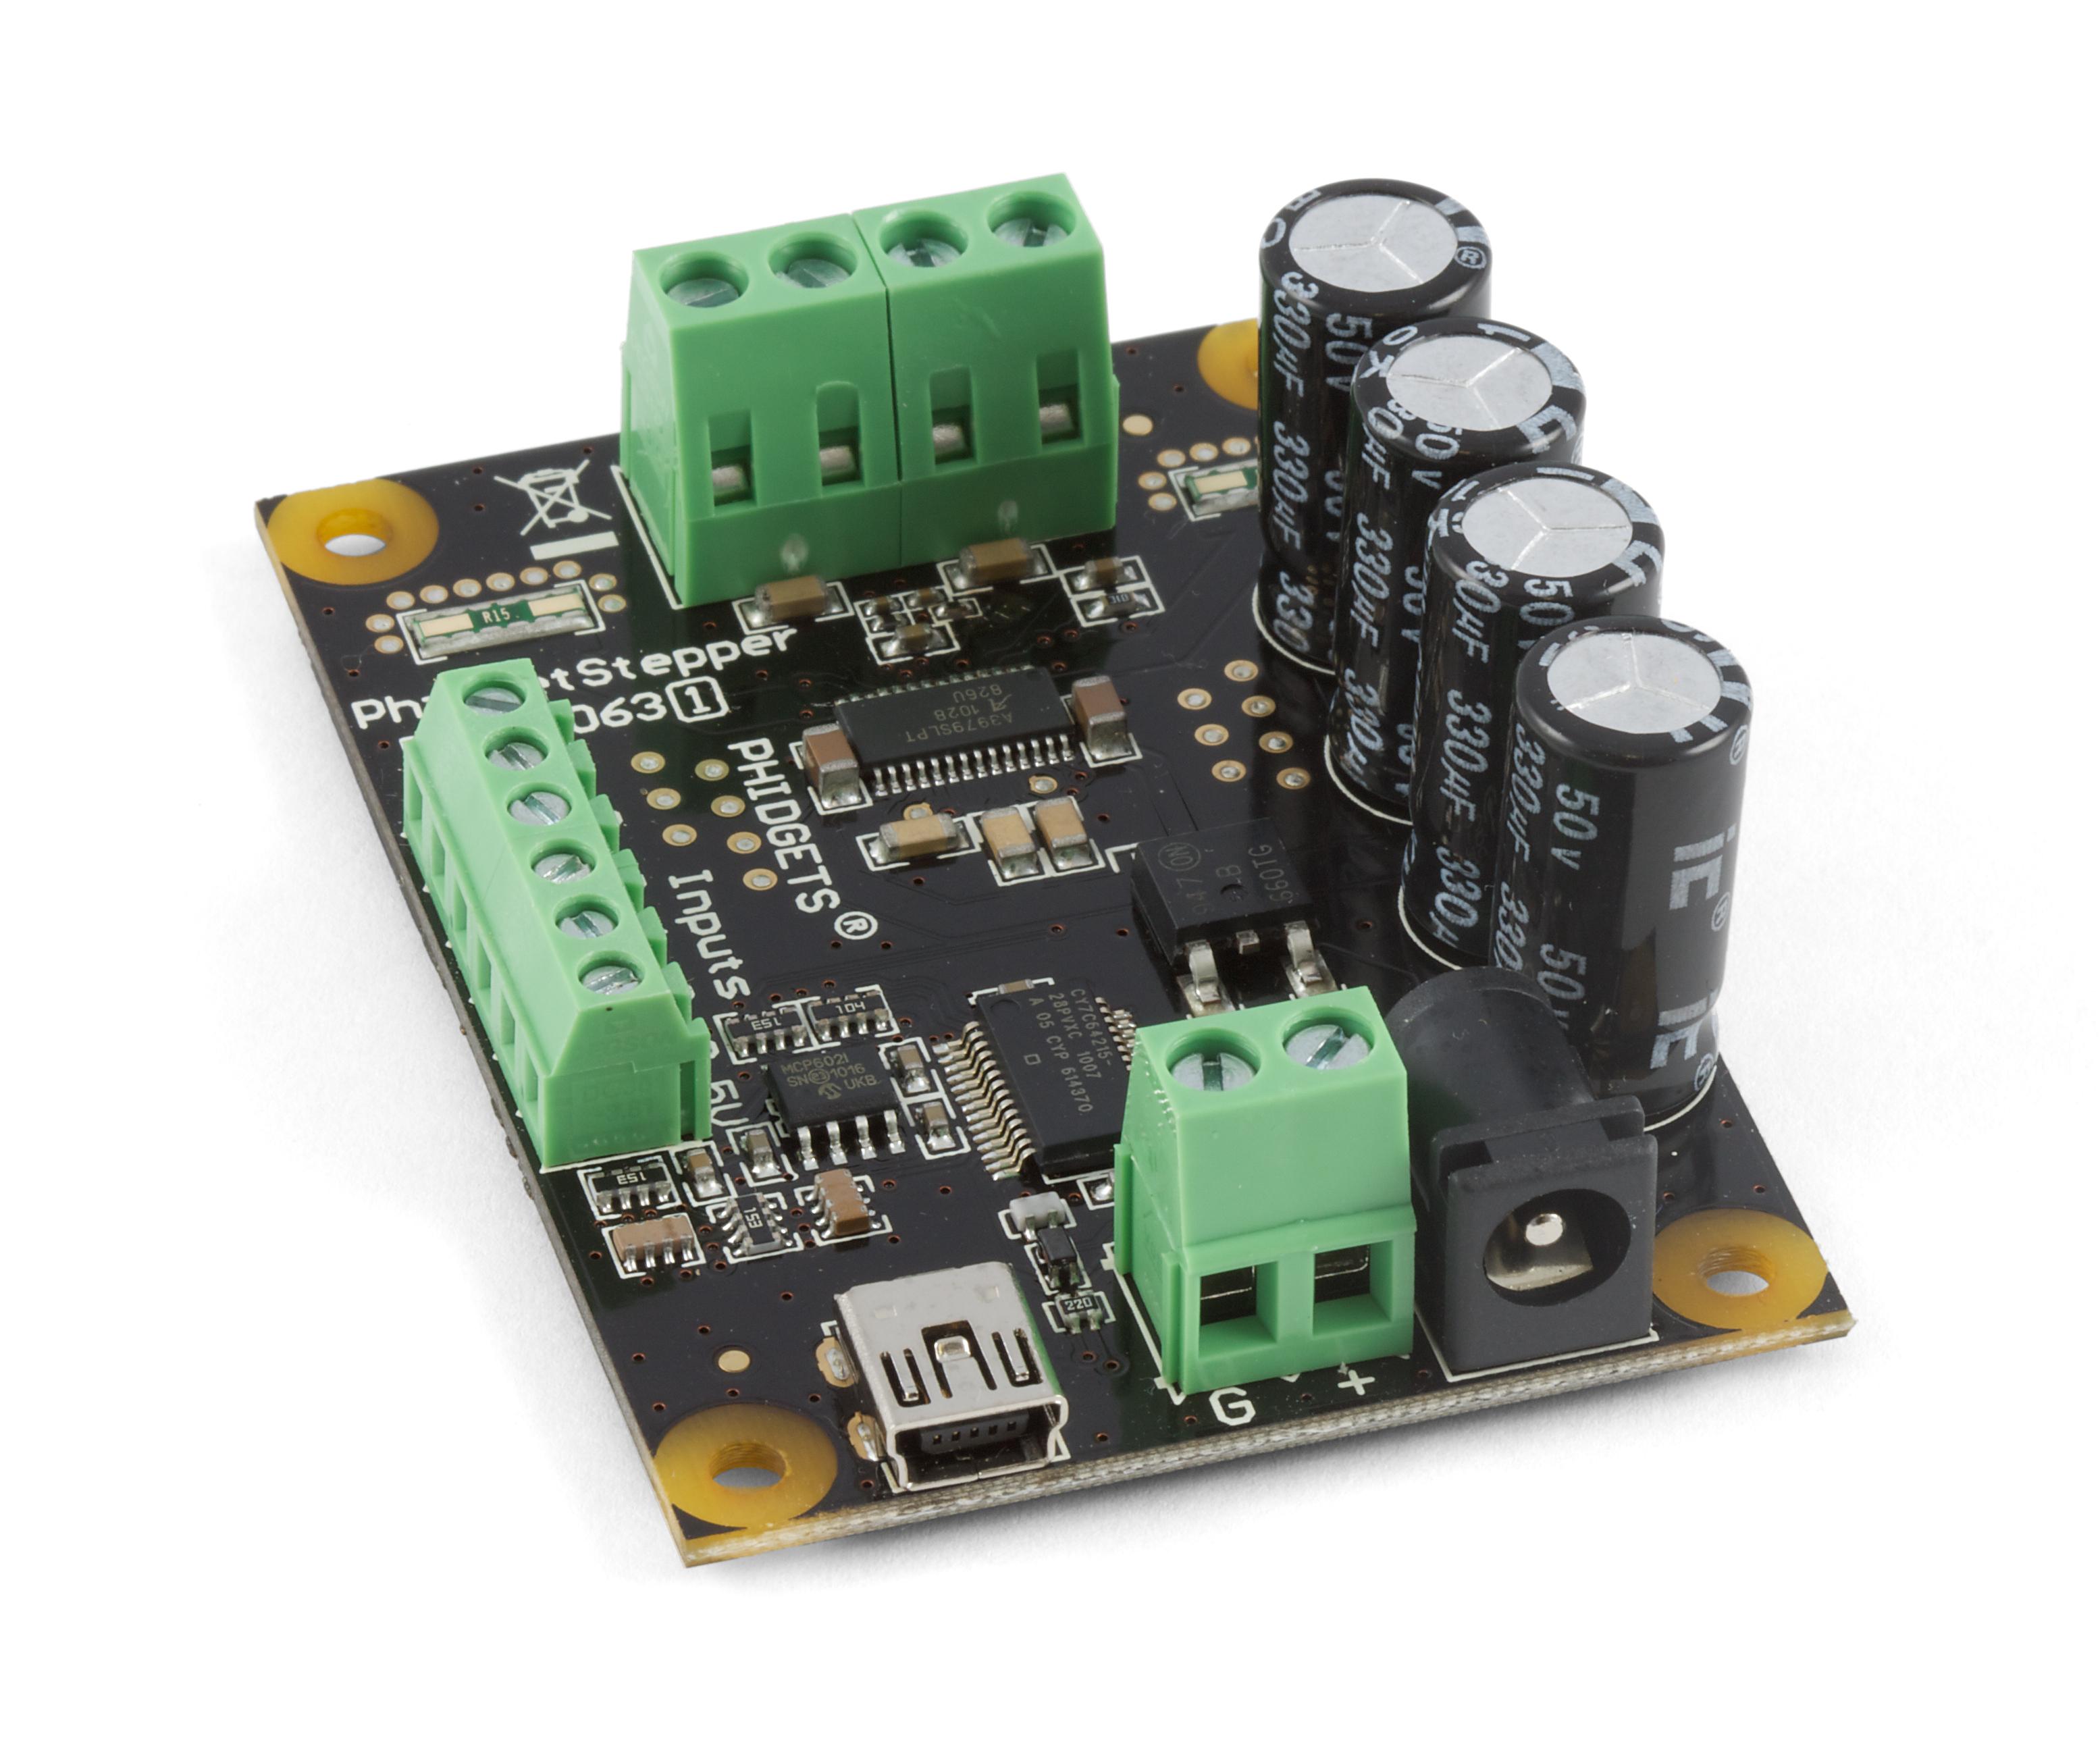 Phidgetstepper Bipolar 1 Motor 1063 At Phidgets Stepper Control